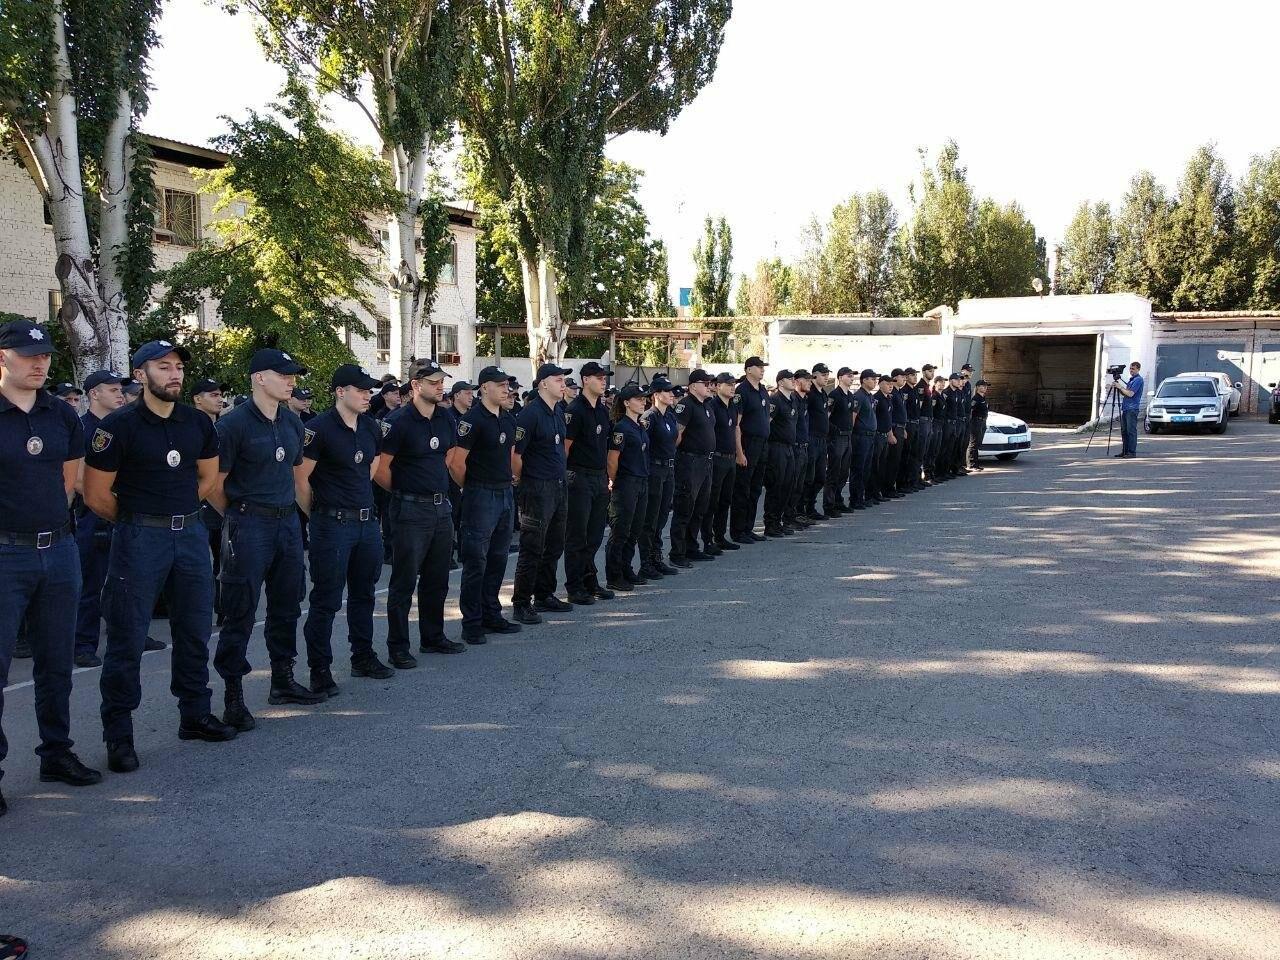 В Кривом Роге наградили патрульных за добросовестное выполнение служебных обязанностей, - ФОТО, фото-8